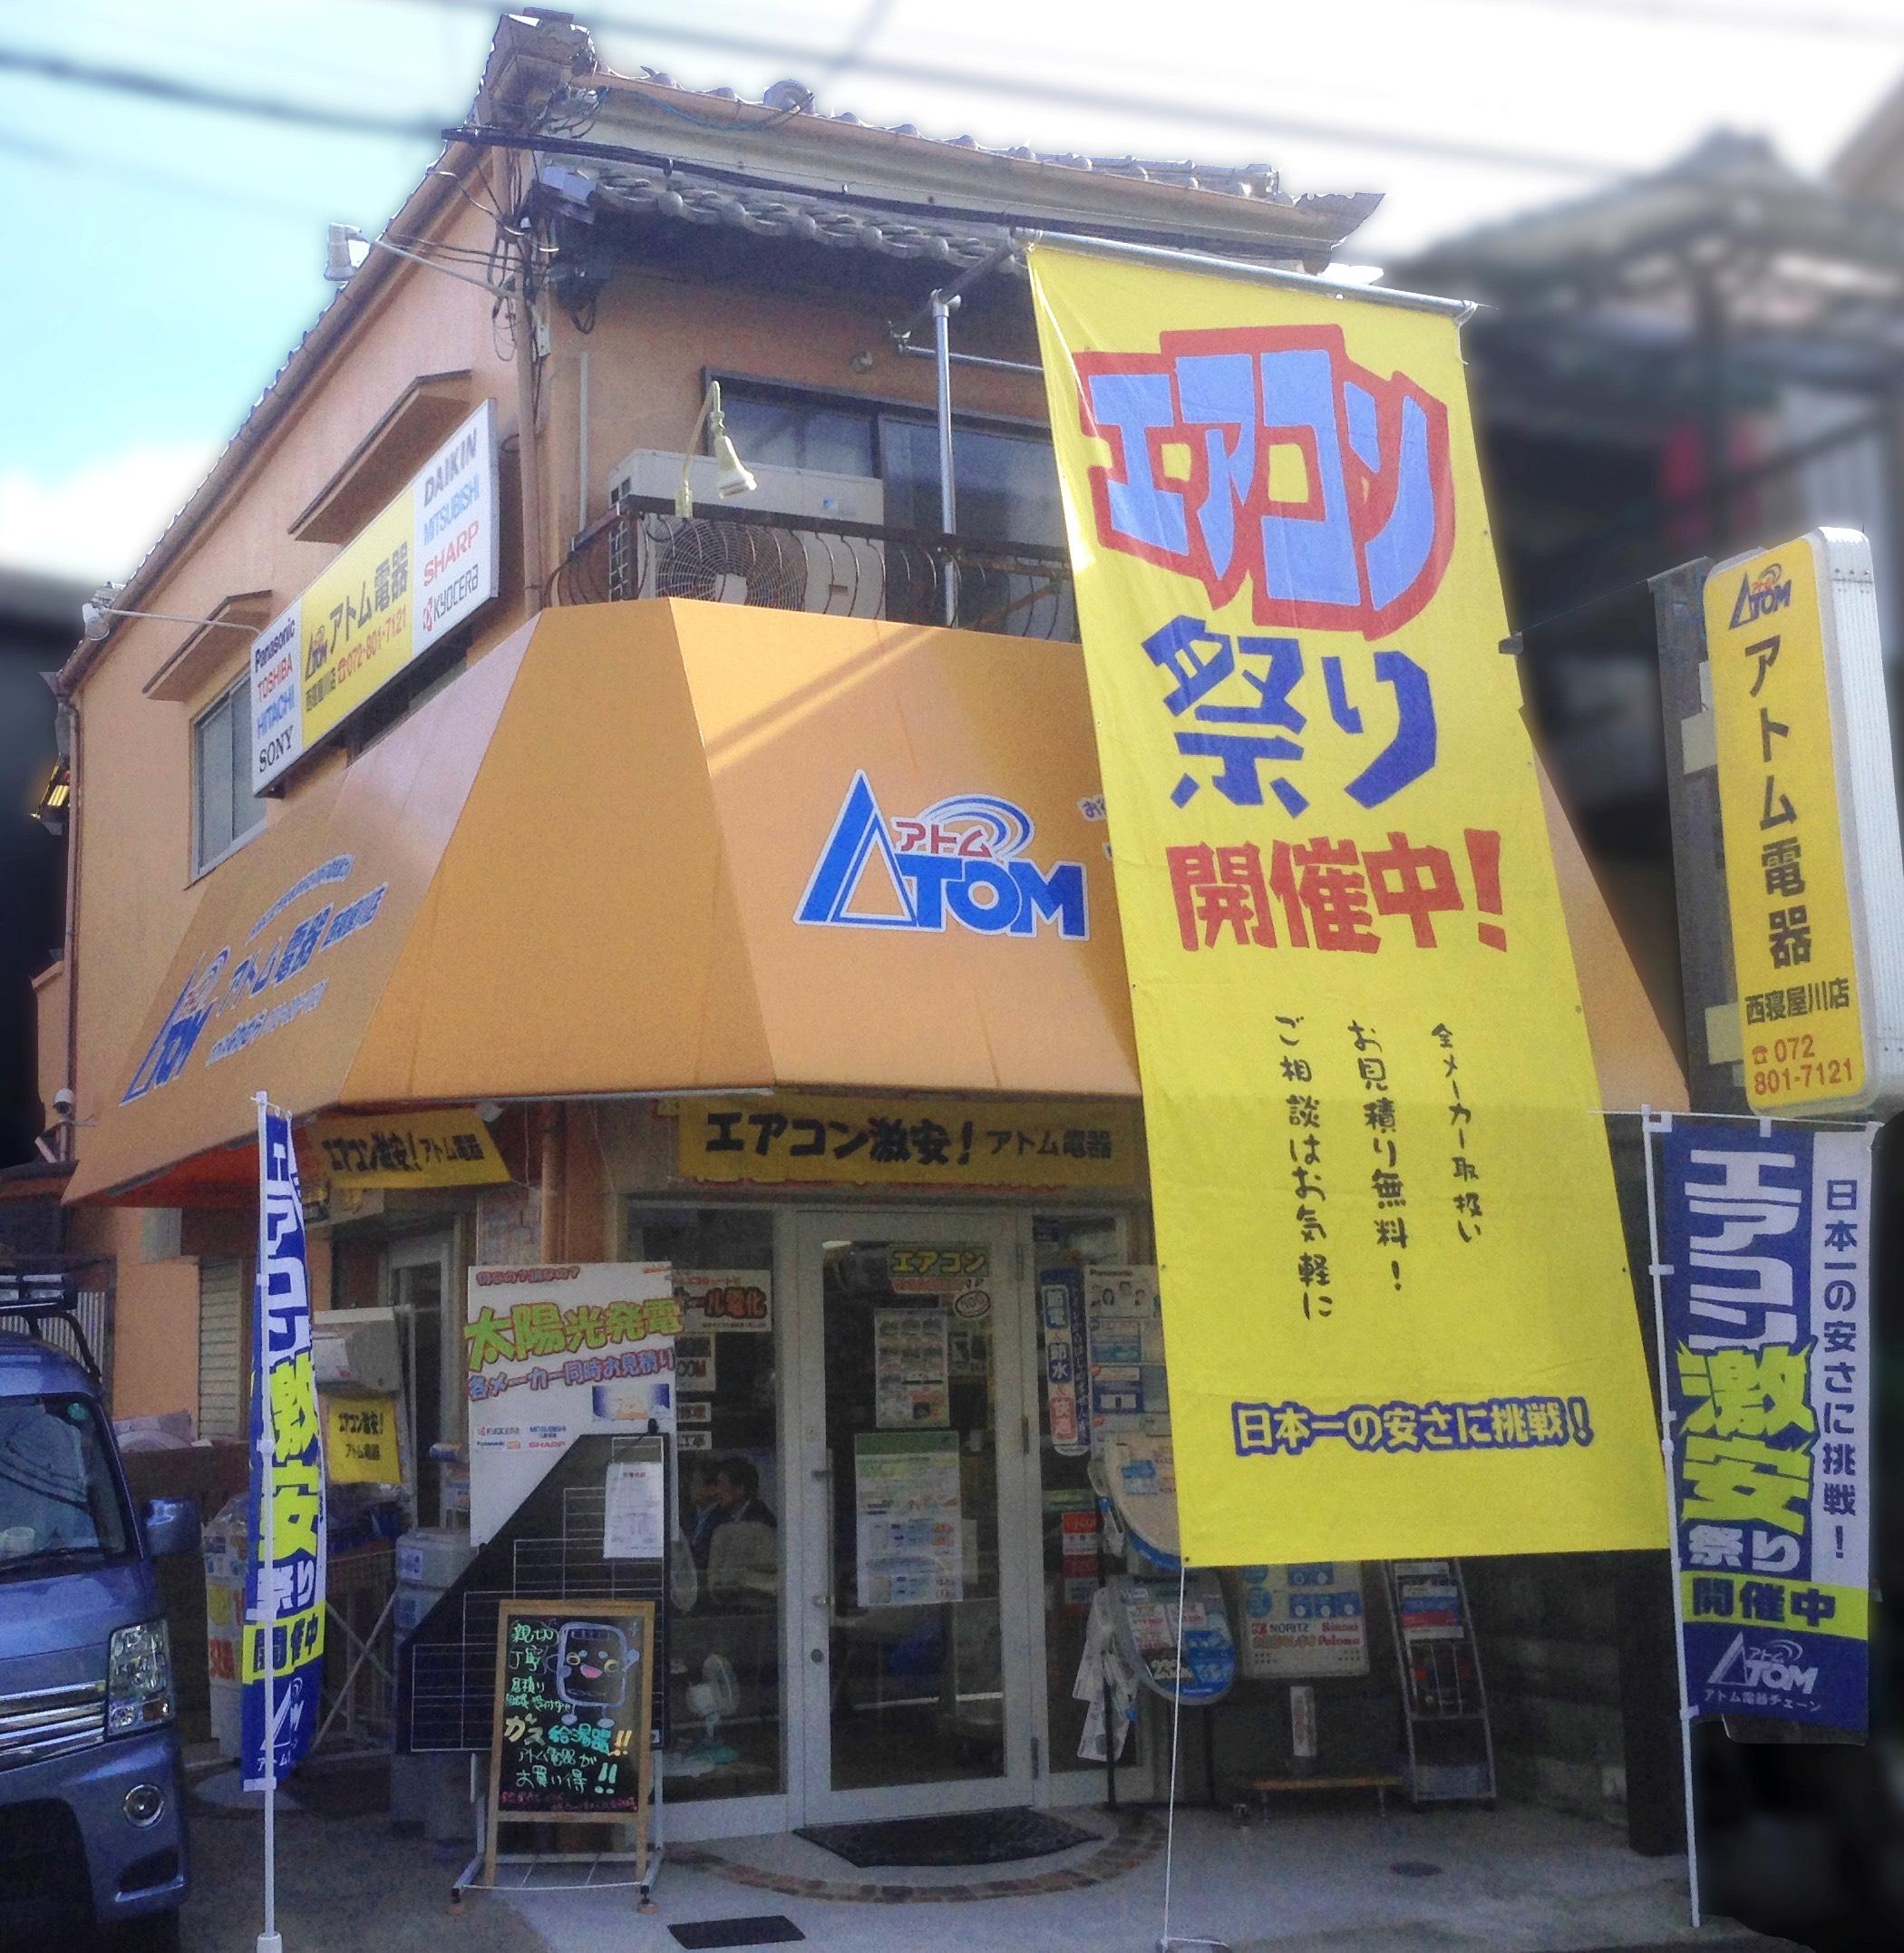 アトム電器 西寝屋川店